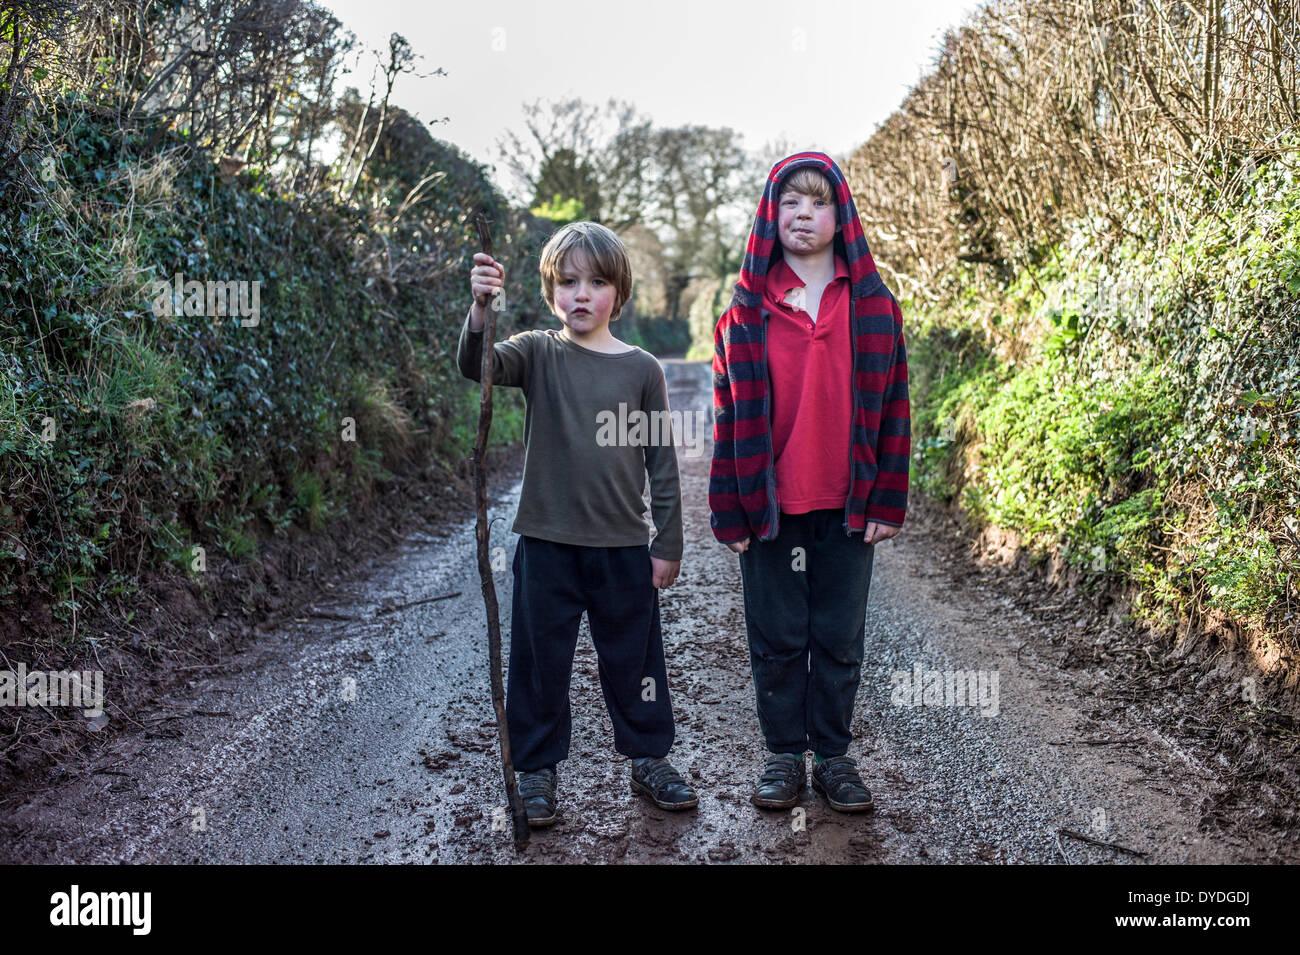 Zwei Jungs in einem schlammigen Lane. Stockbild